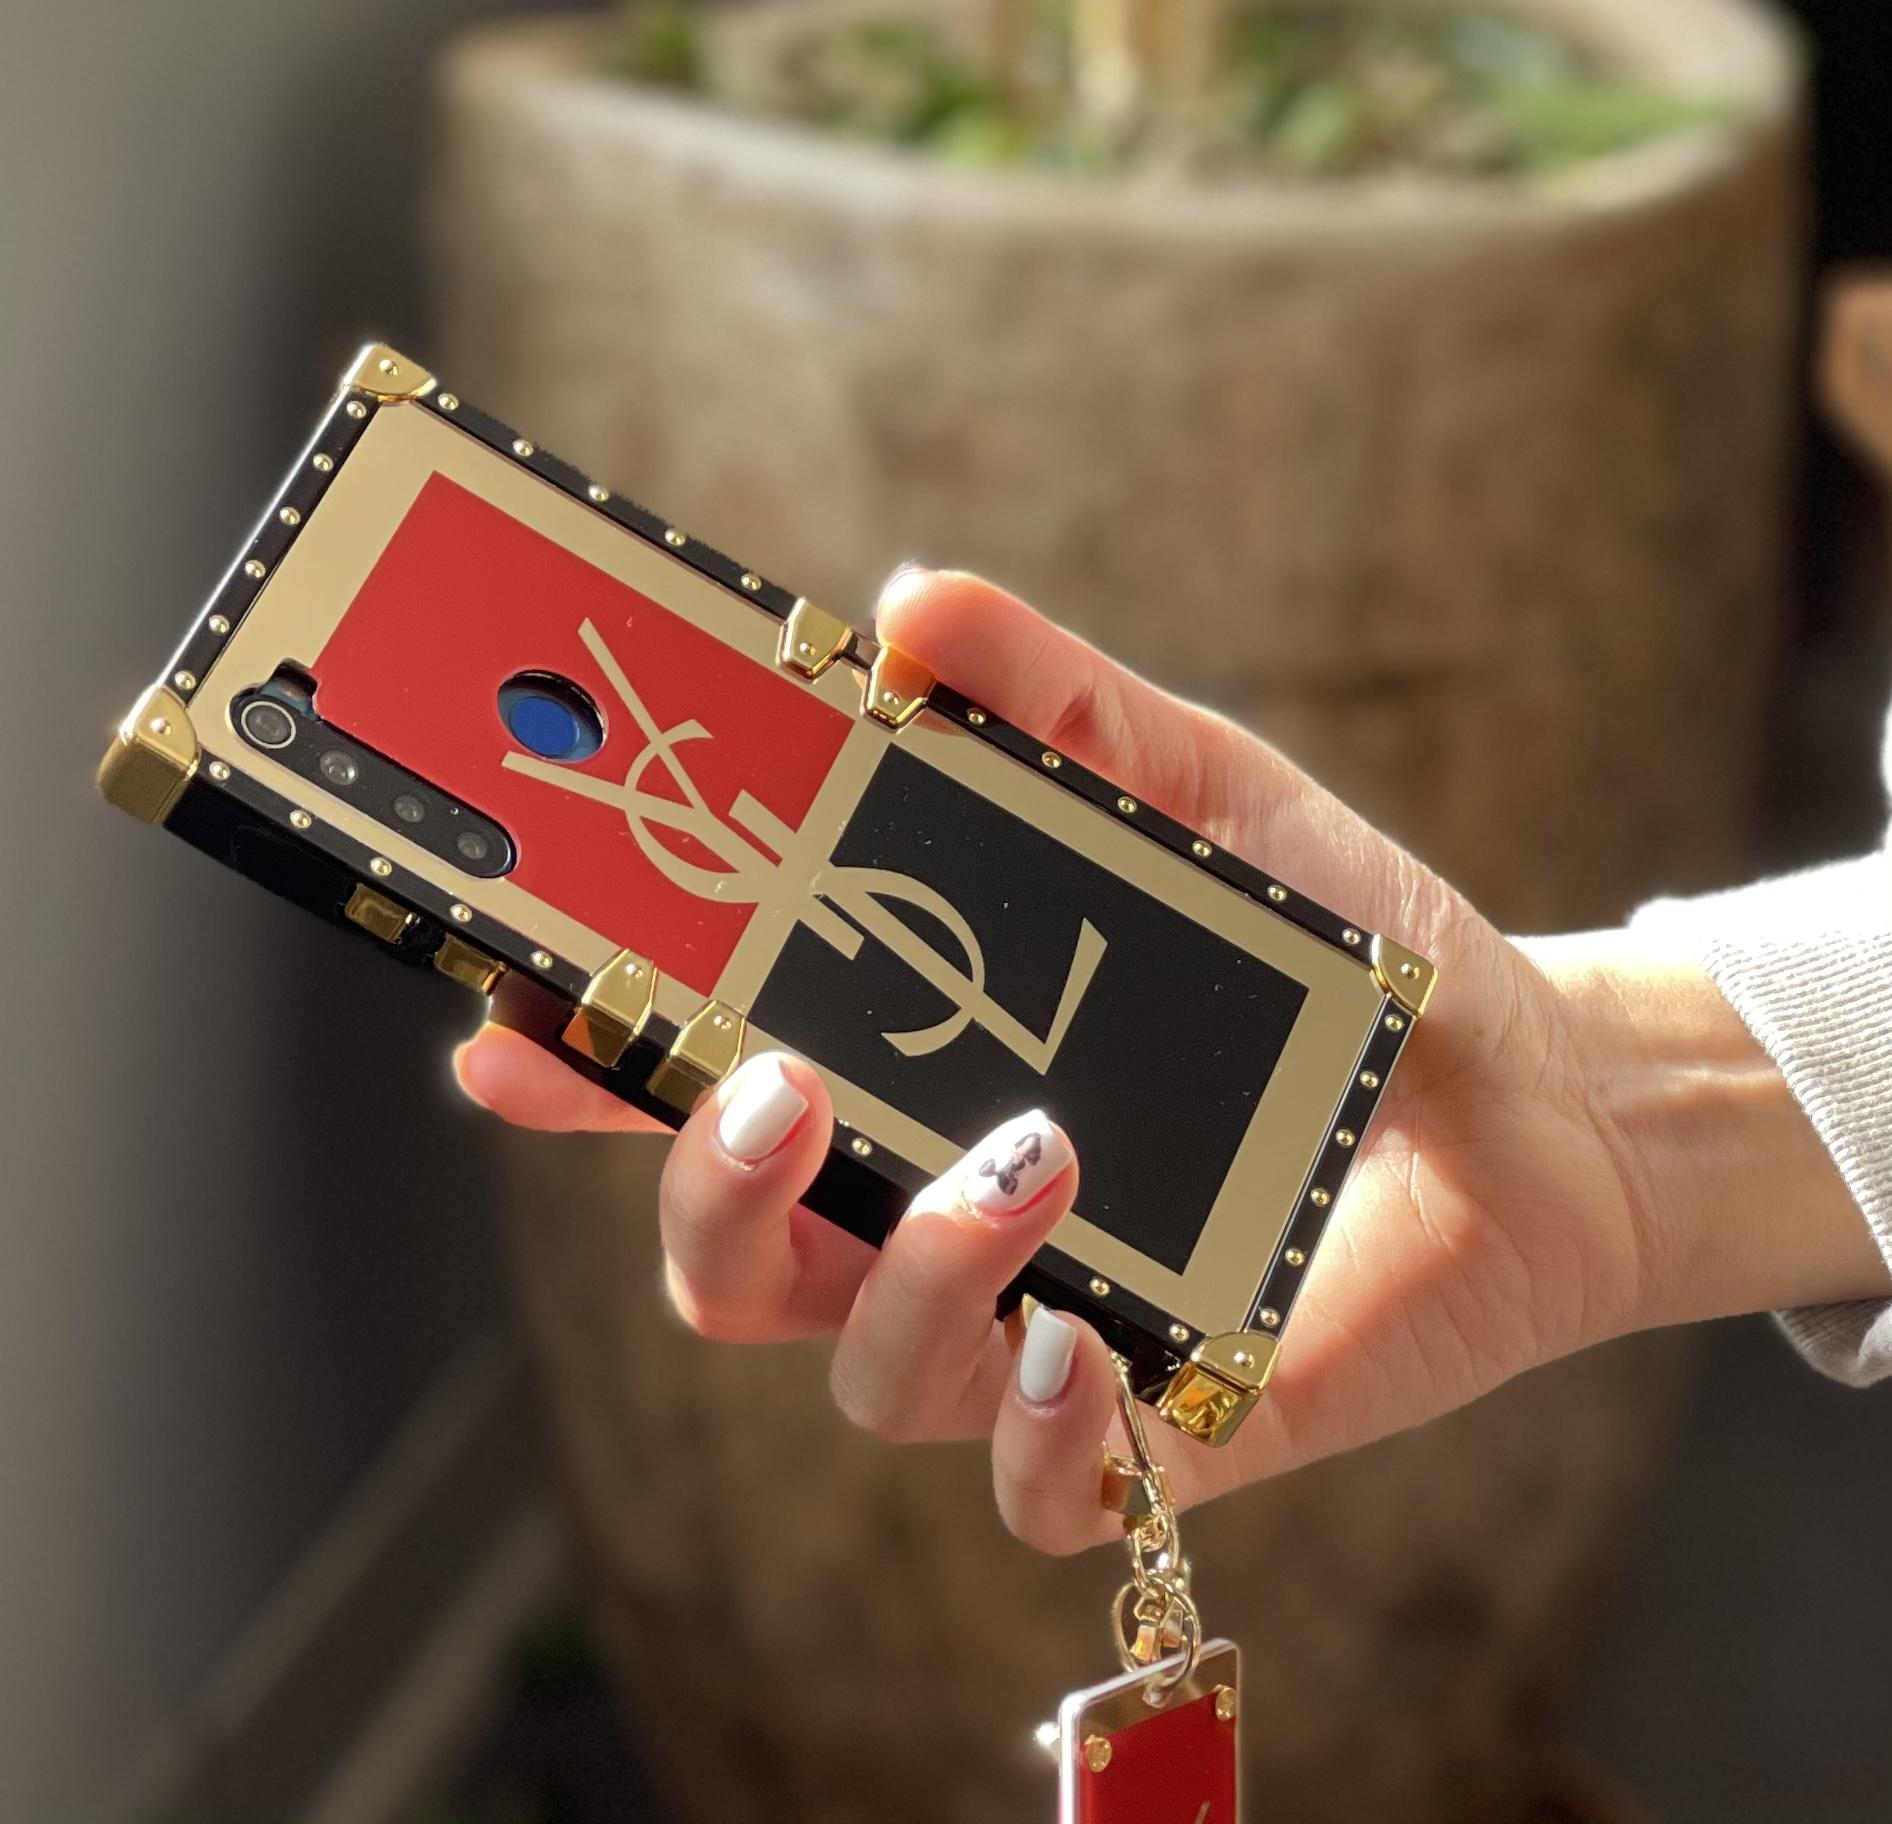 قاب صندوقی YSL همراه زنجیر و پلاک برای سامسونگ